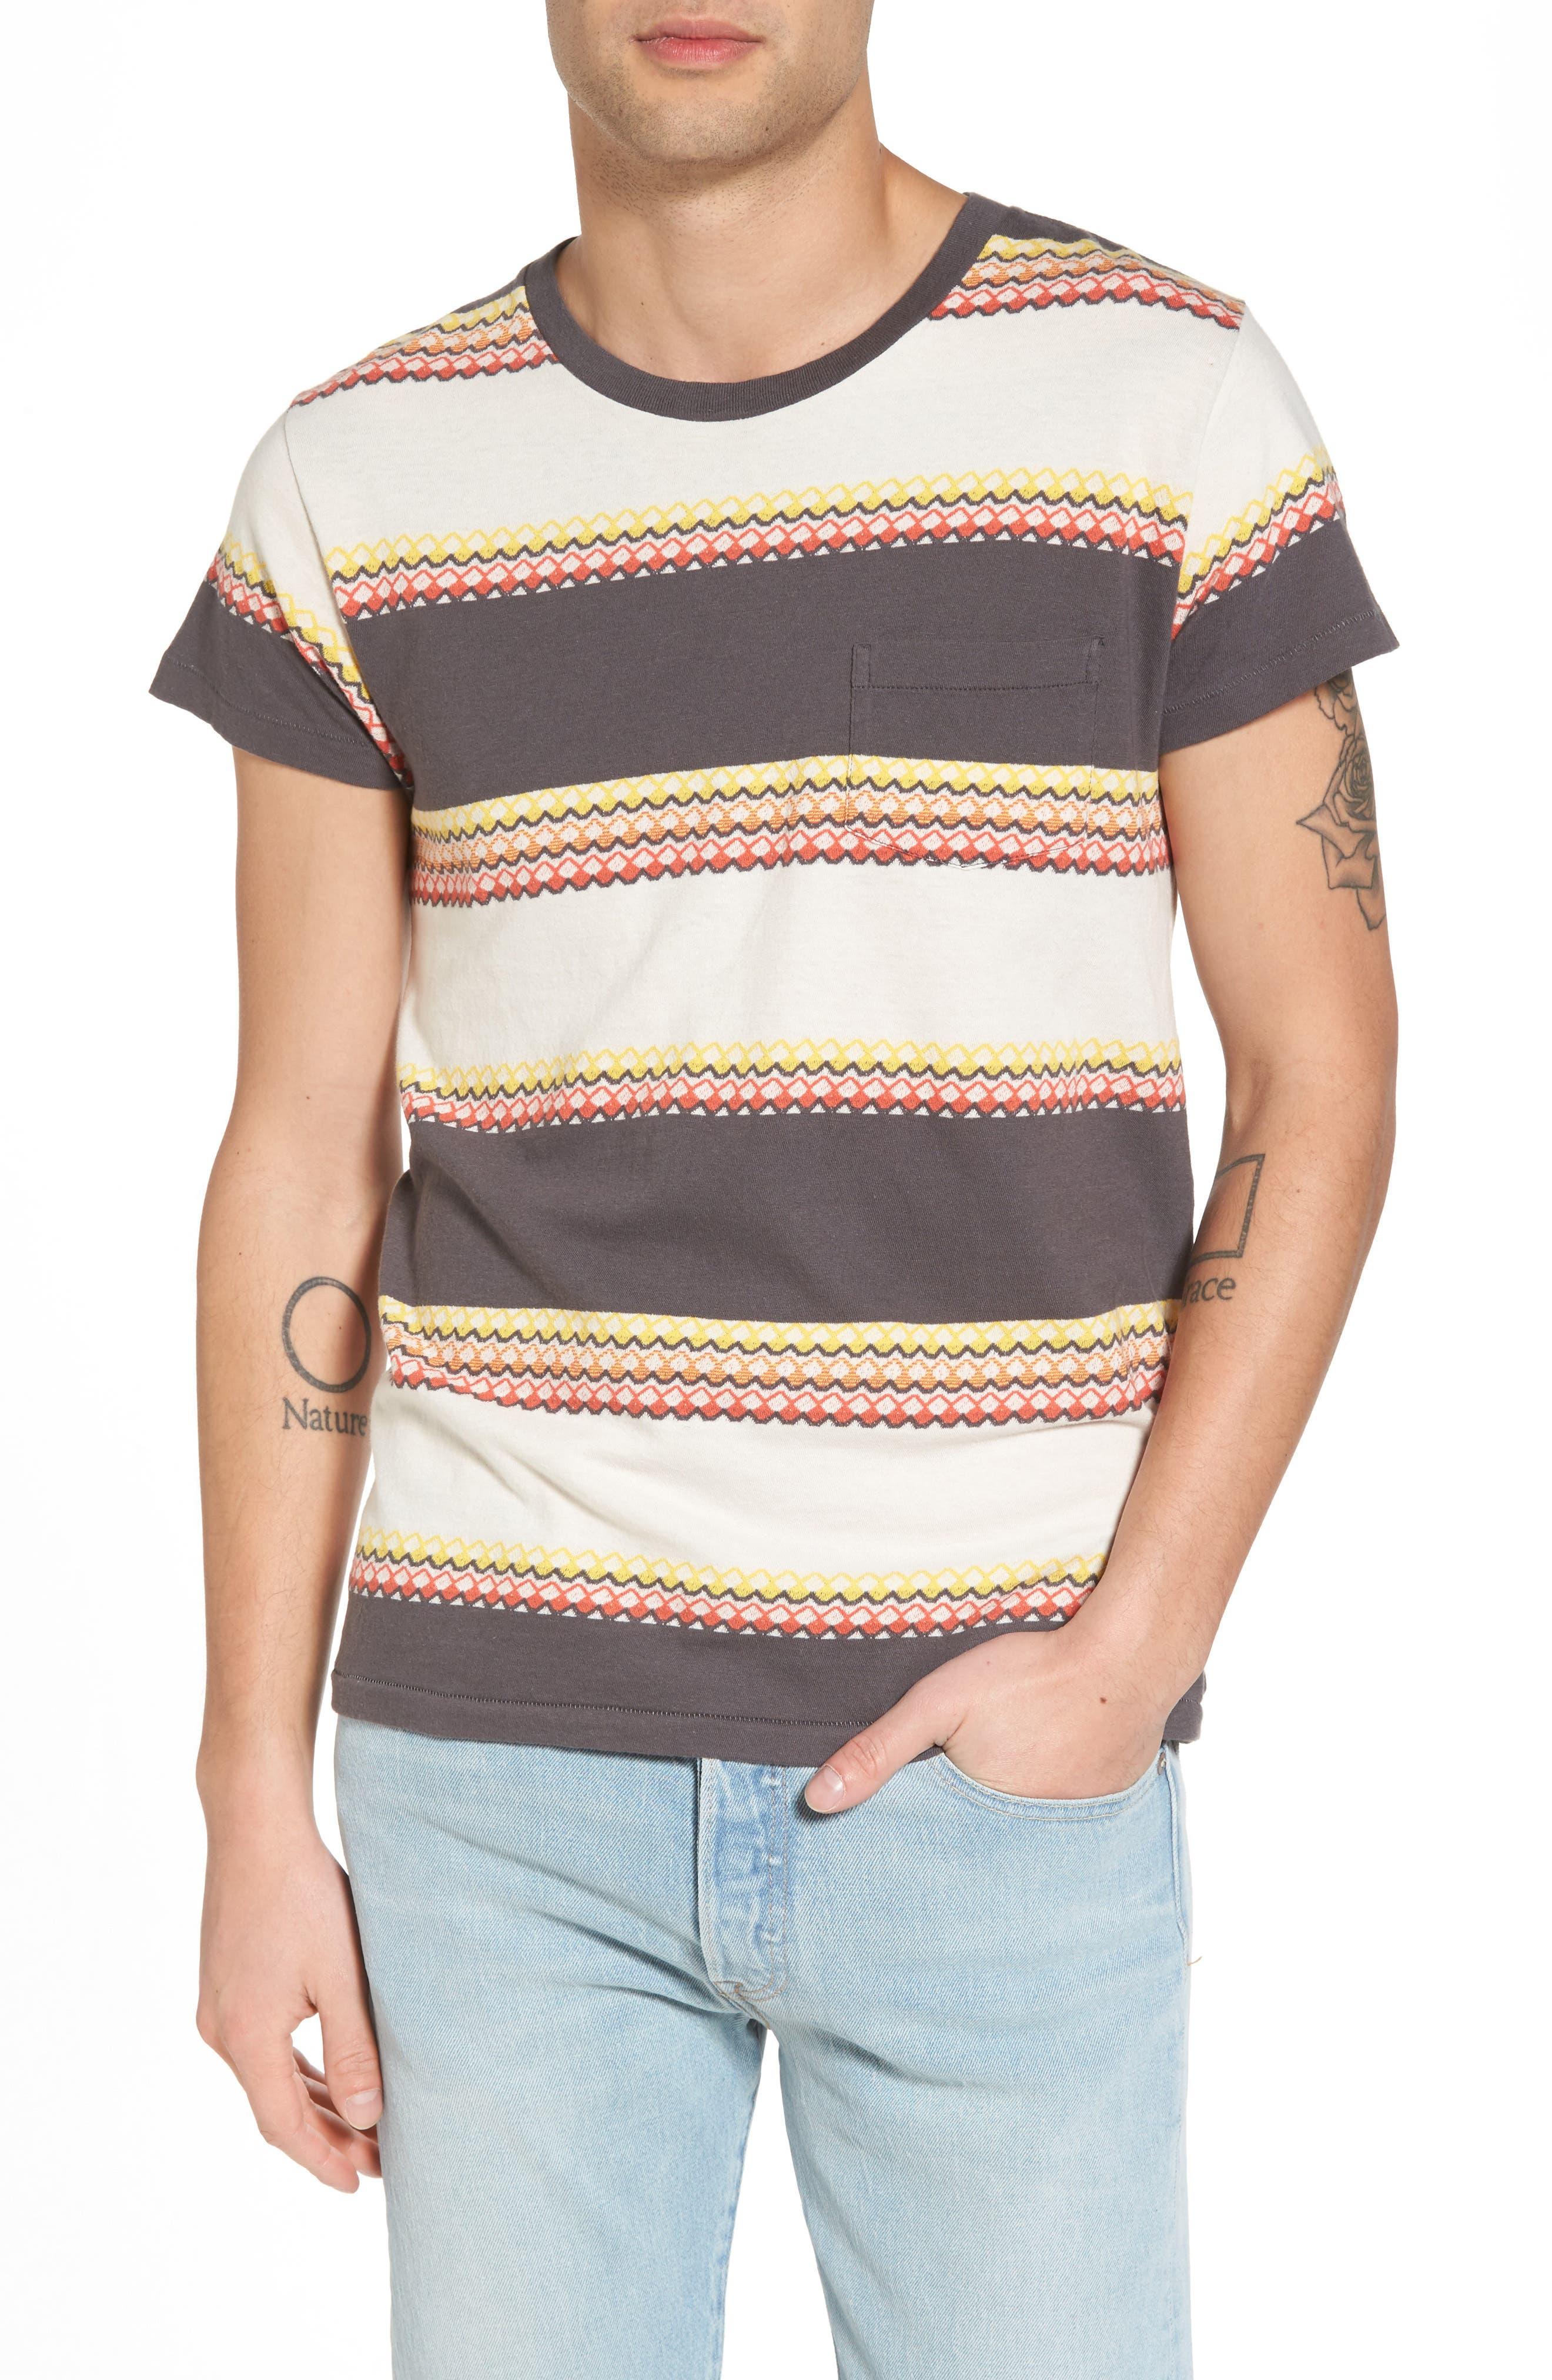 1950s Sportswear Pocket T-Shirt,                             Main thumbnail 1, color,                             Wave Jacquard Blue Multi